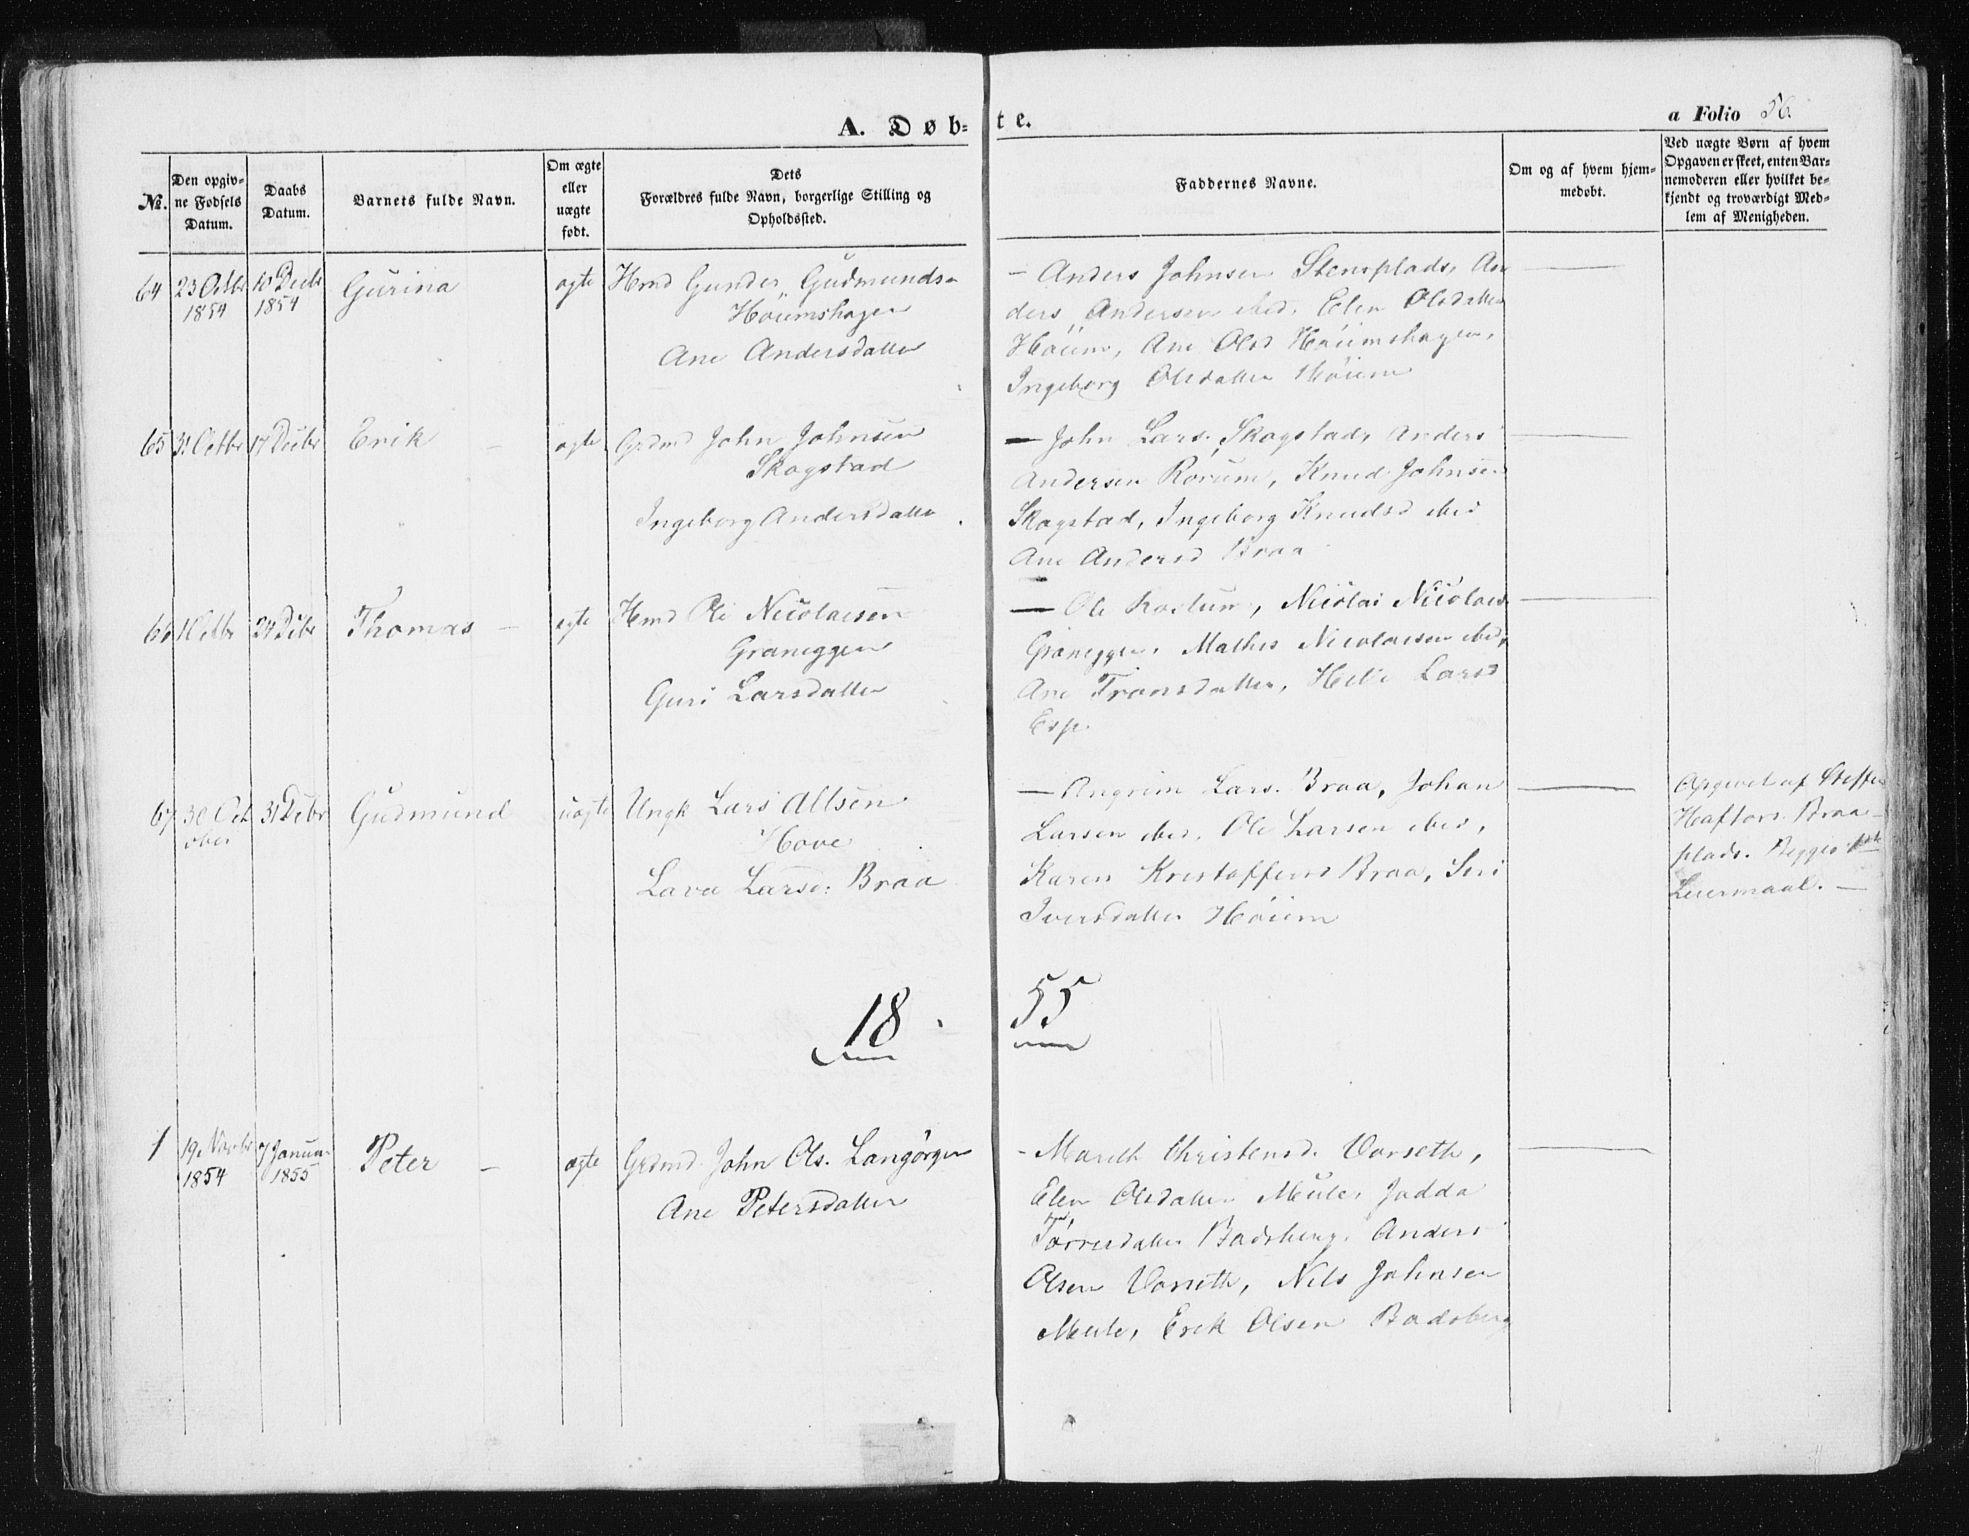 SAT, Ministerialprotokoller, klokkerbøker og fødselsregistre - Sør-Trøndelag, 612/L0376: Ministerialbok nr. 612A08, 1846-1859, s. 56